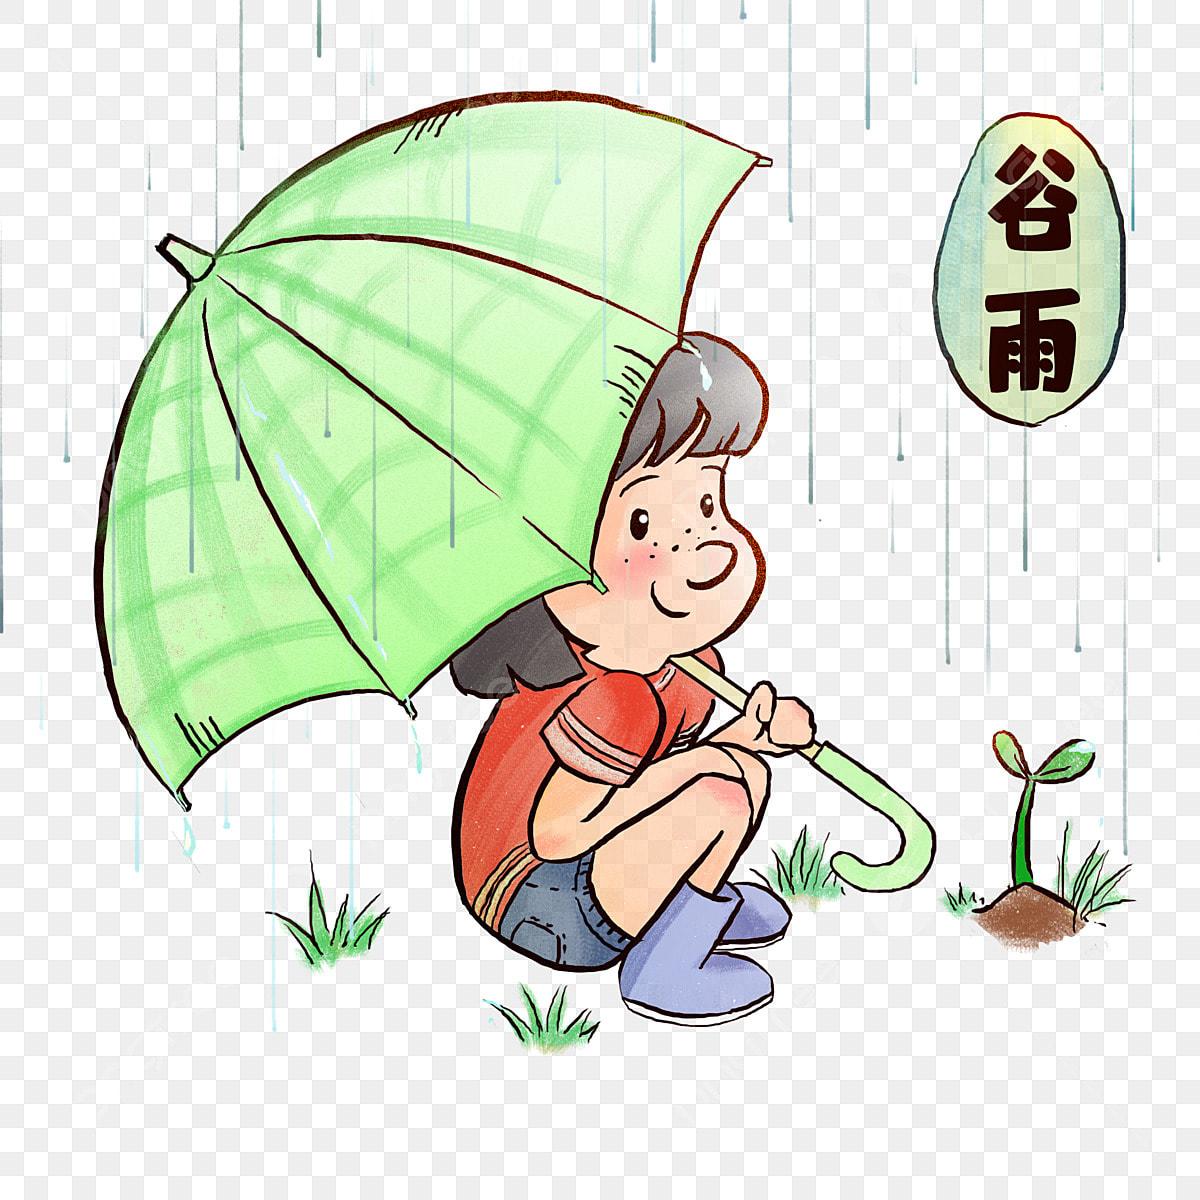 Illustration Du Caractère Gu Yu Aisselle De La Petite Fille